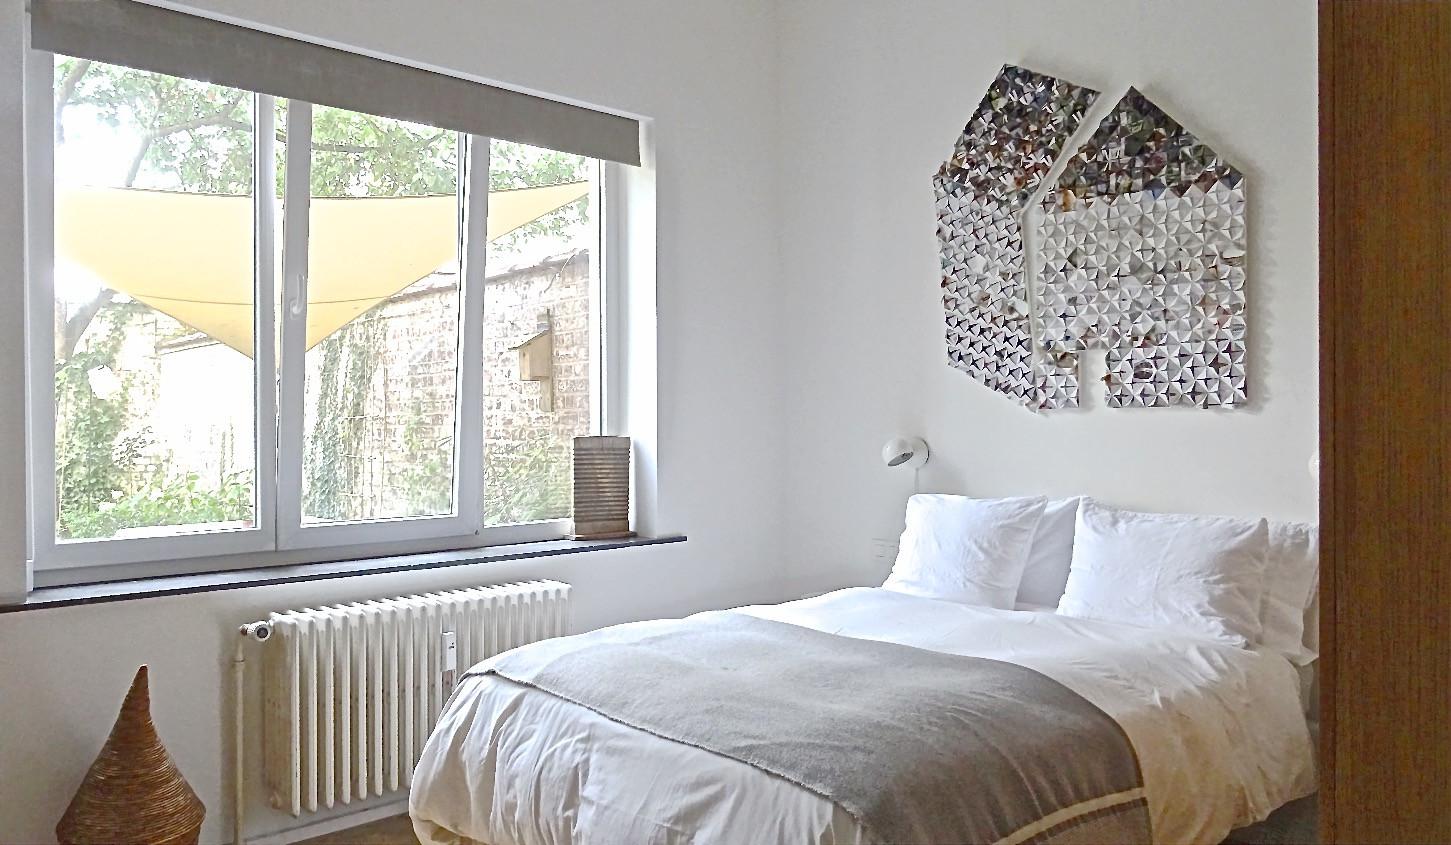 Wardrobe designed by architect Julien Legros.